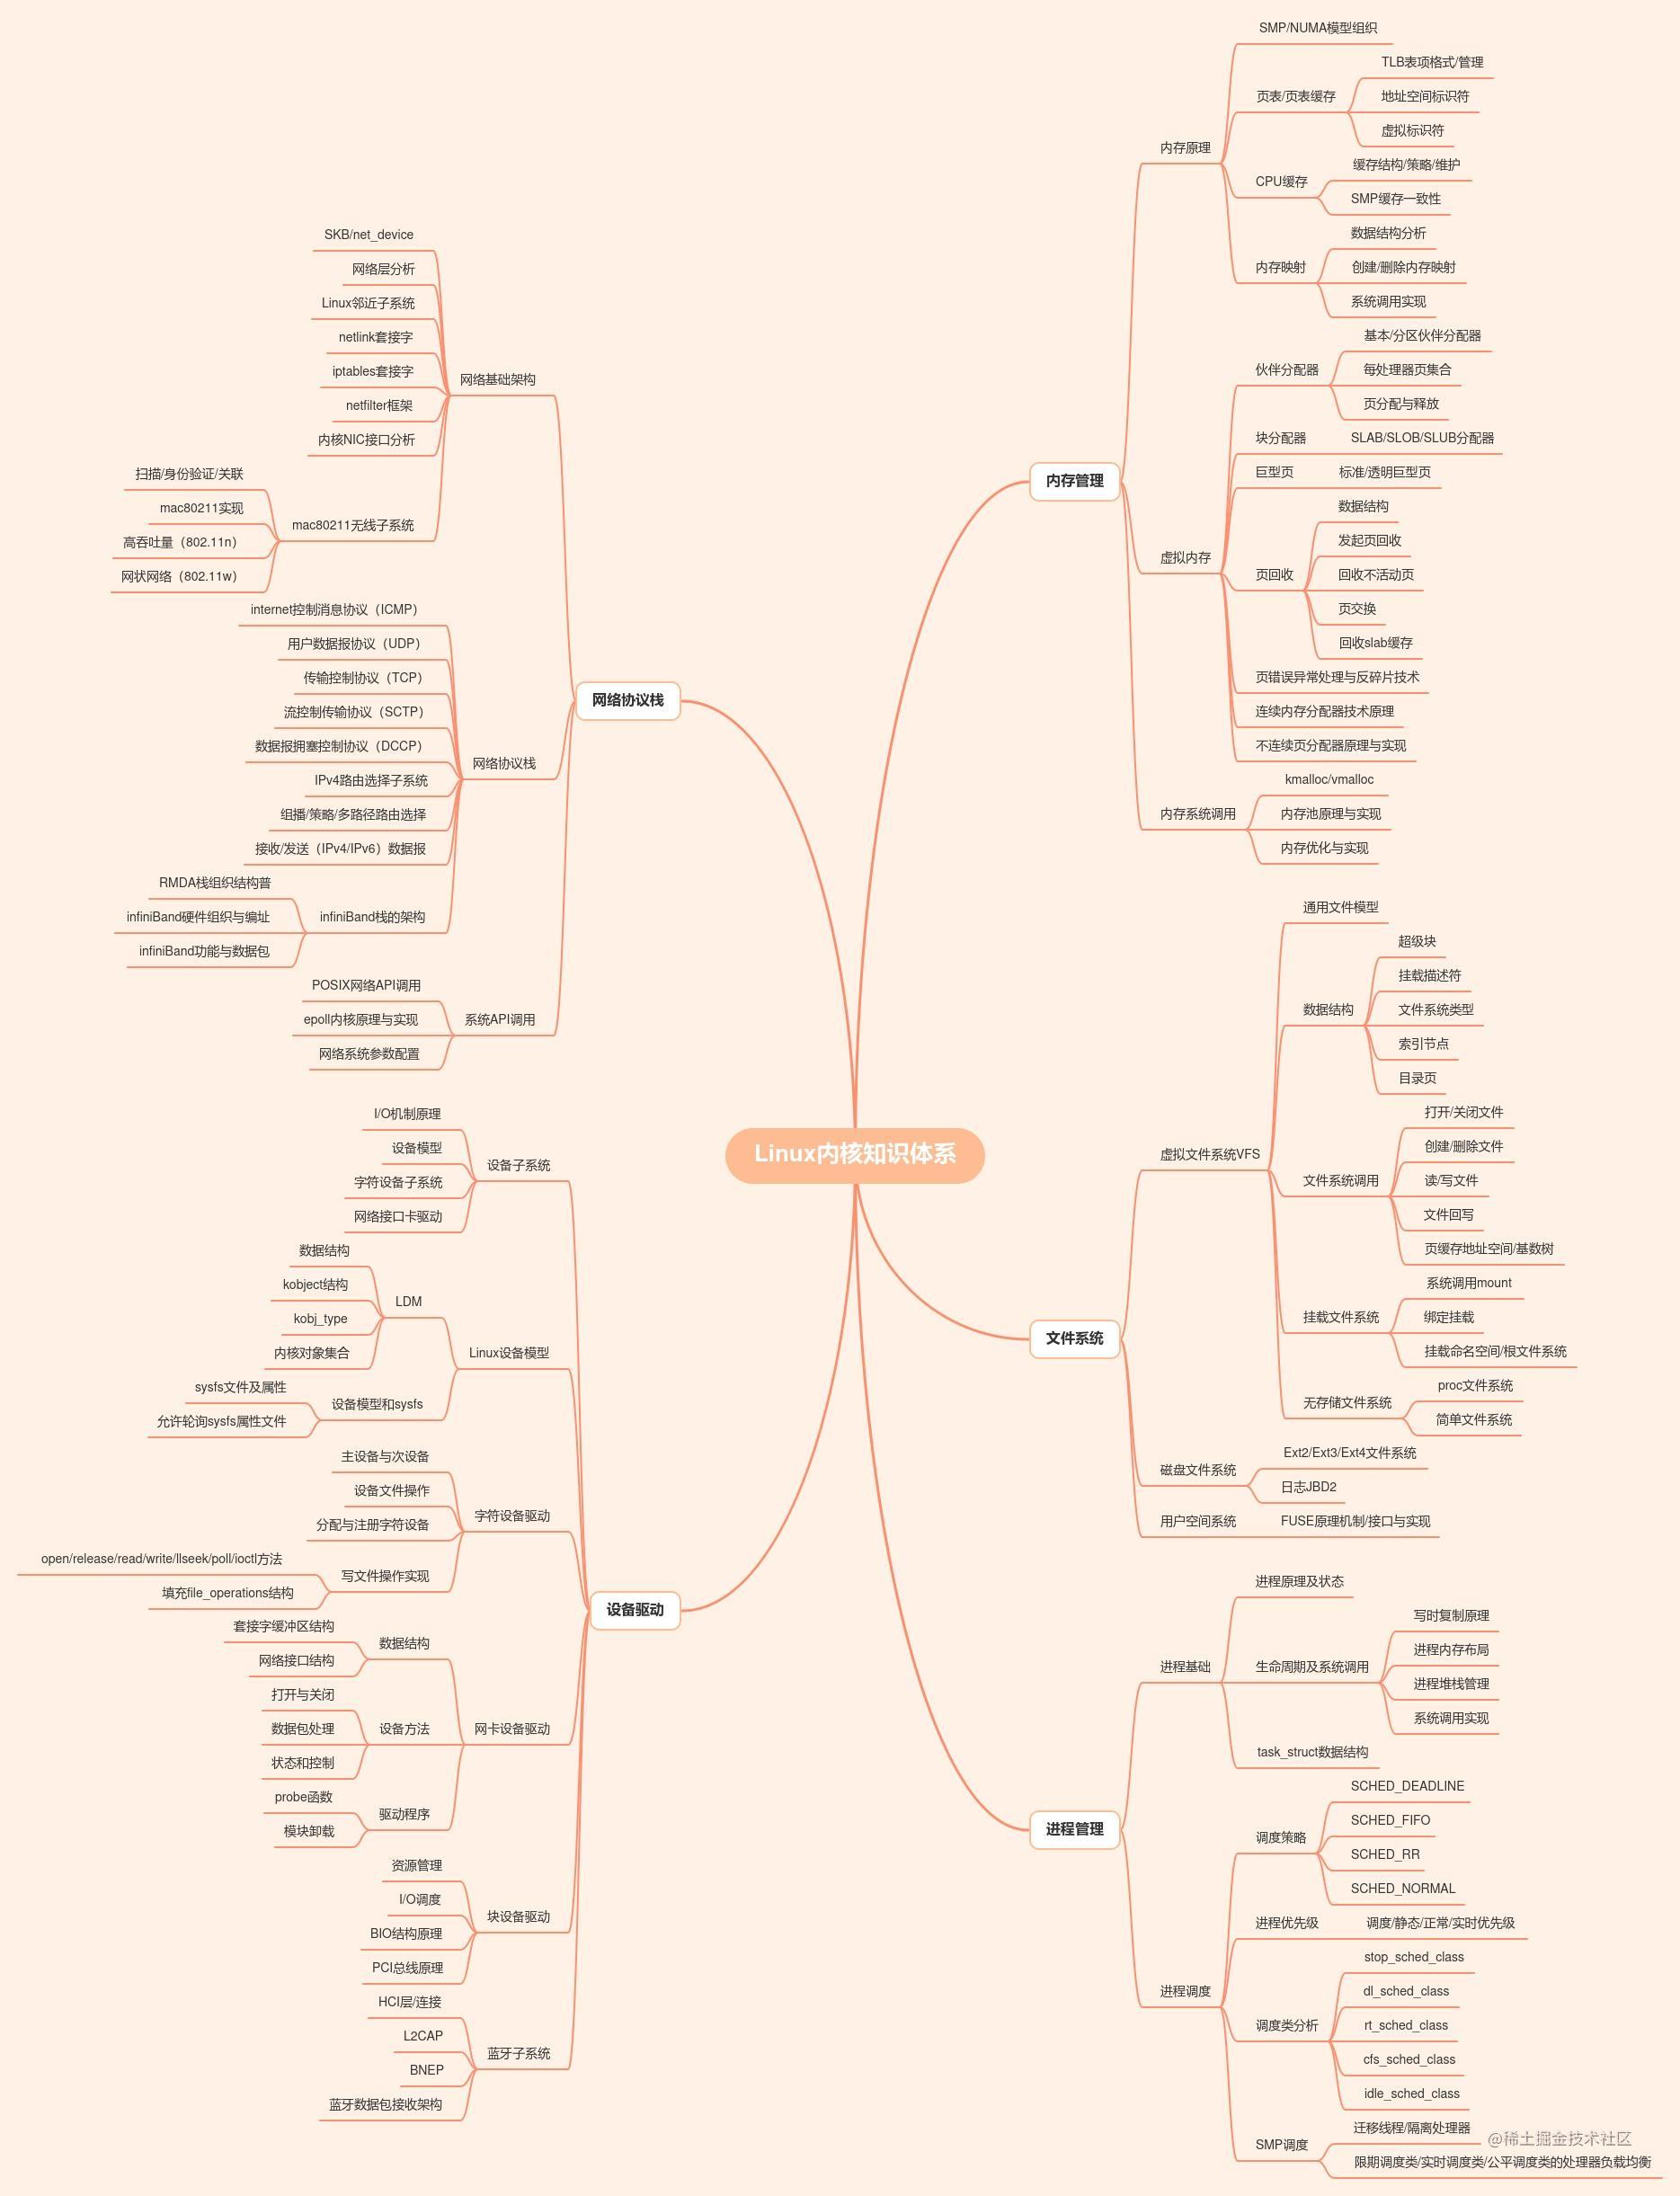 内核知识体系 by 0Voice